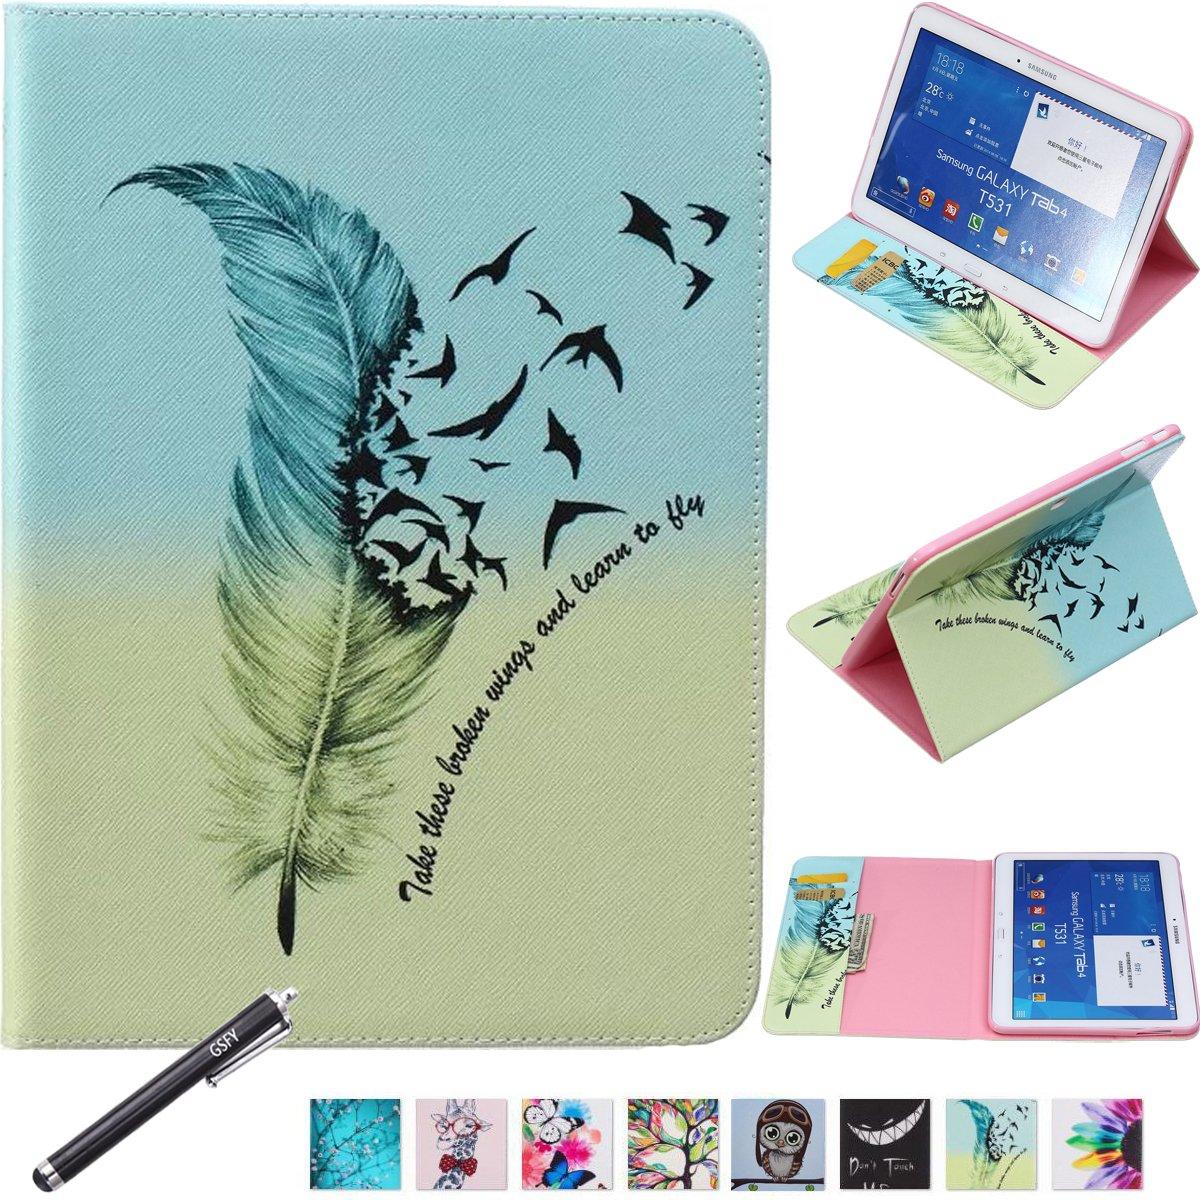 Funda Samsung Galaxy Tab 4 10.1 NEWSHINE [76T3FXW7]